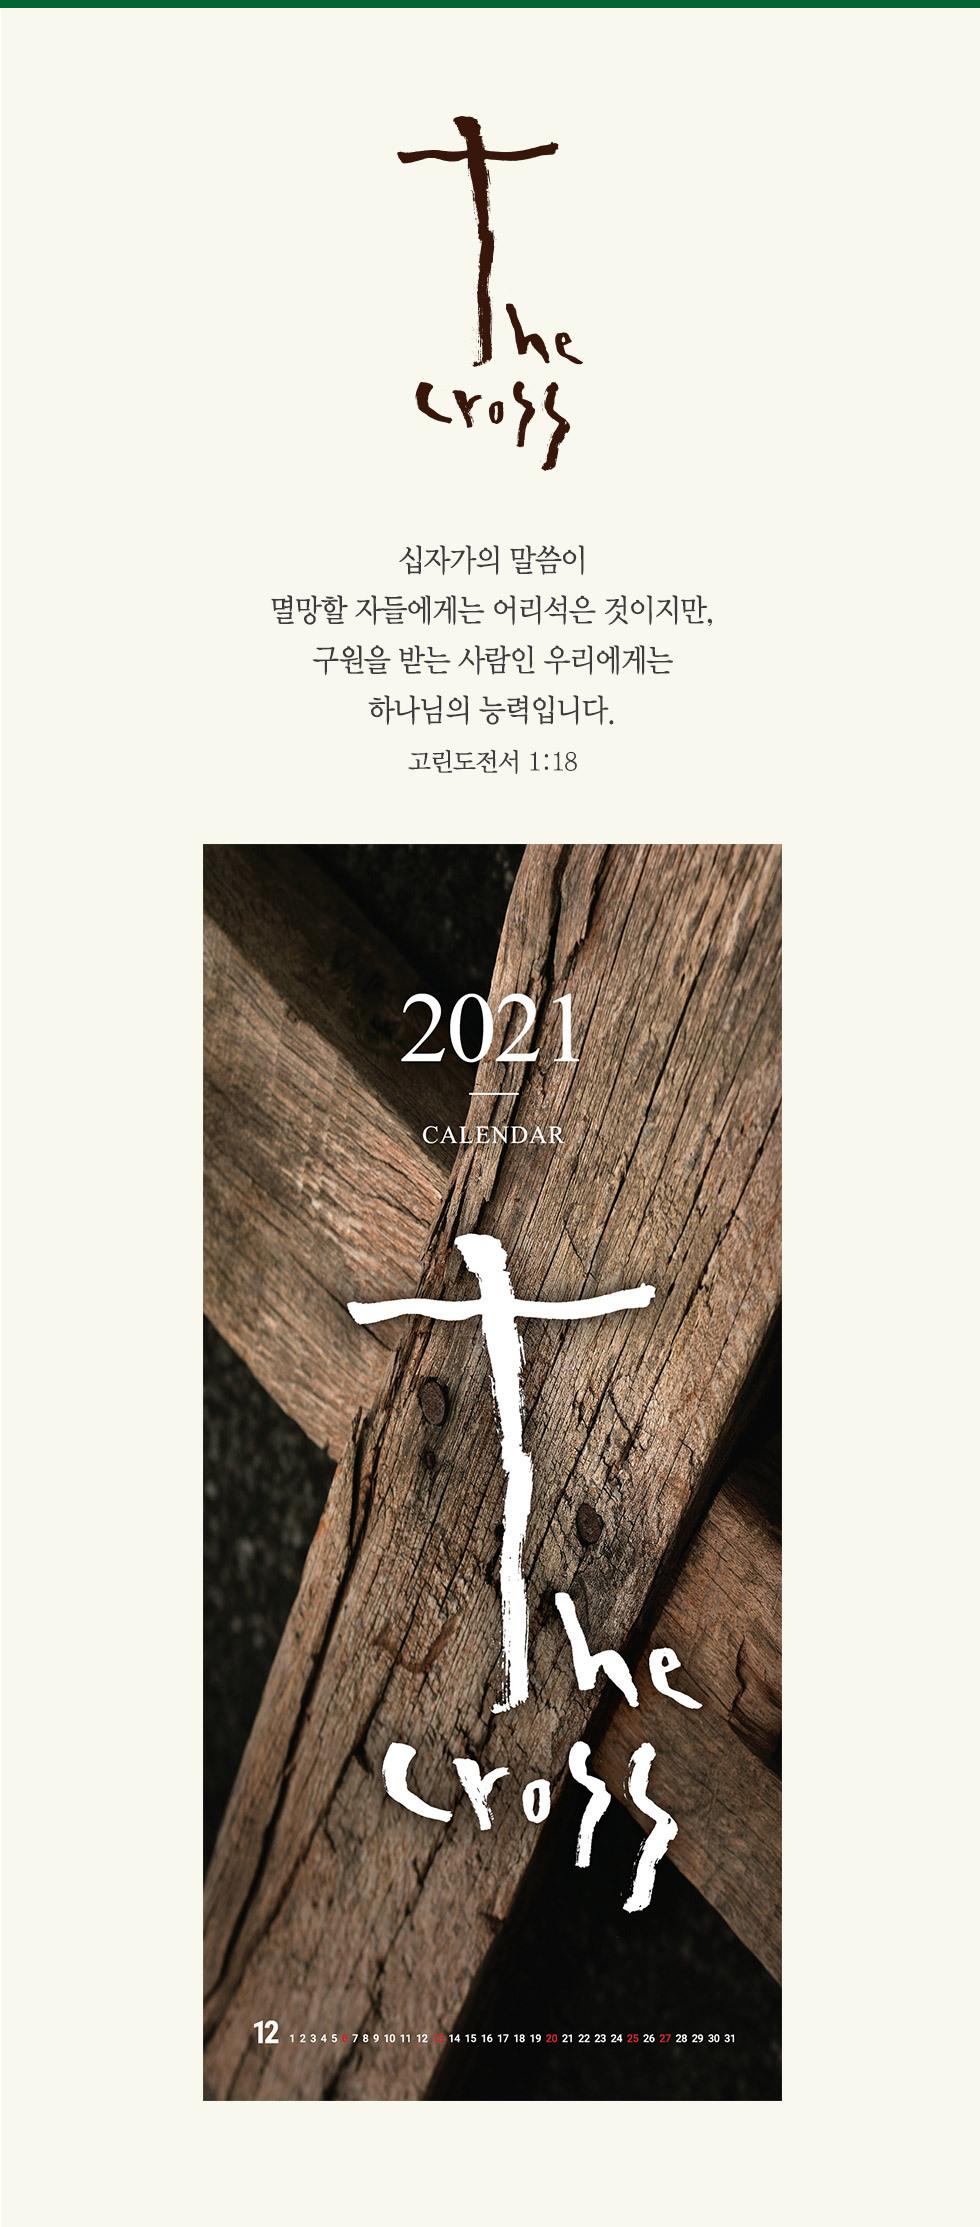 2021년 벽걸이달력 십자가 Cross -  십자가 Cross, 십자가 Cross의 말씀이 멸망할 자들에게는 어리석은 것이지만, 구원을 받는 사람인 우리에게는 하나님의 능력입니다.